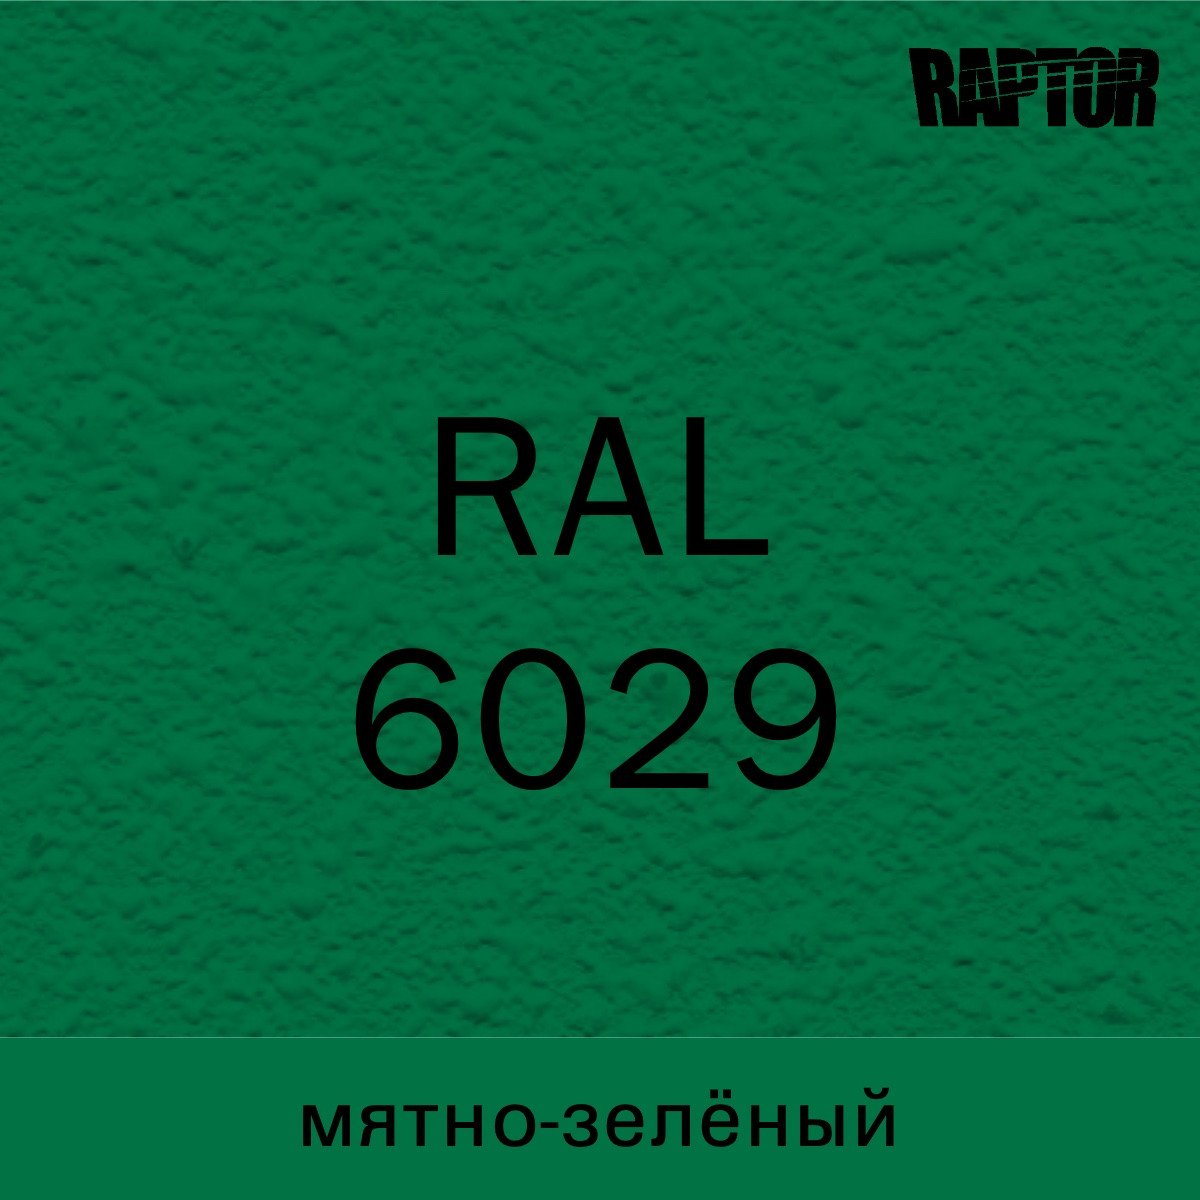 Пигмент для колеровки покрытия RAPTOR™ Мятно-зелёный (RAL 6029)